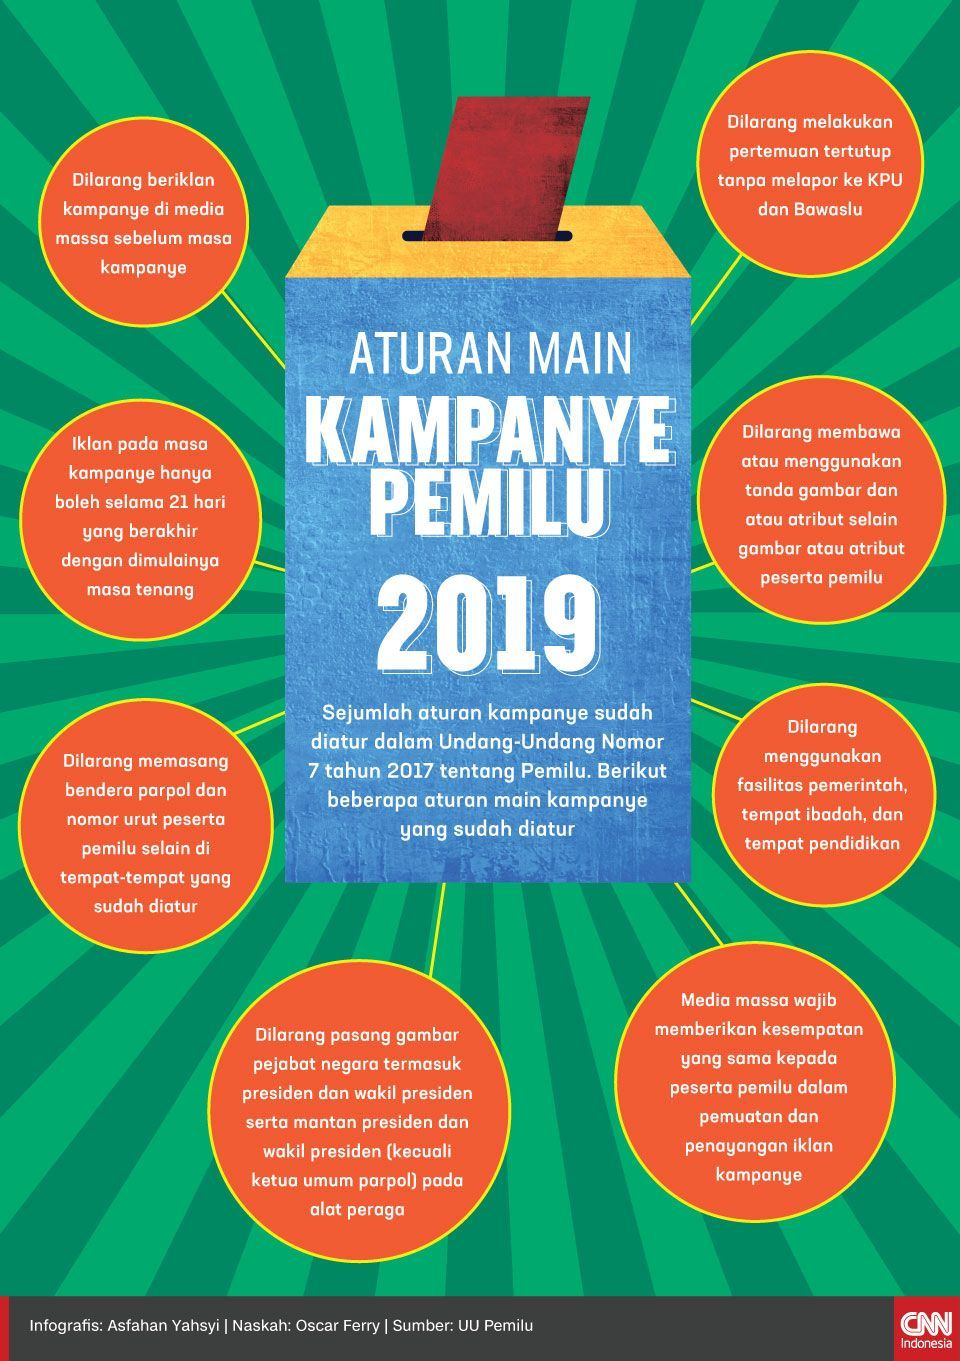 Infografis Aturan Main Kampanye Pemilu 2019